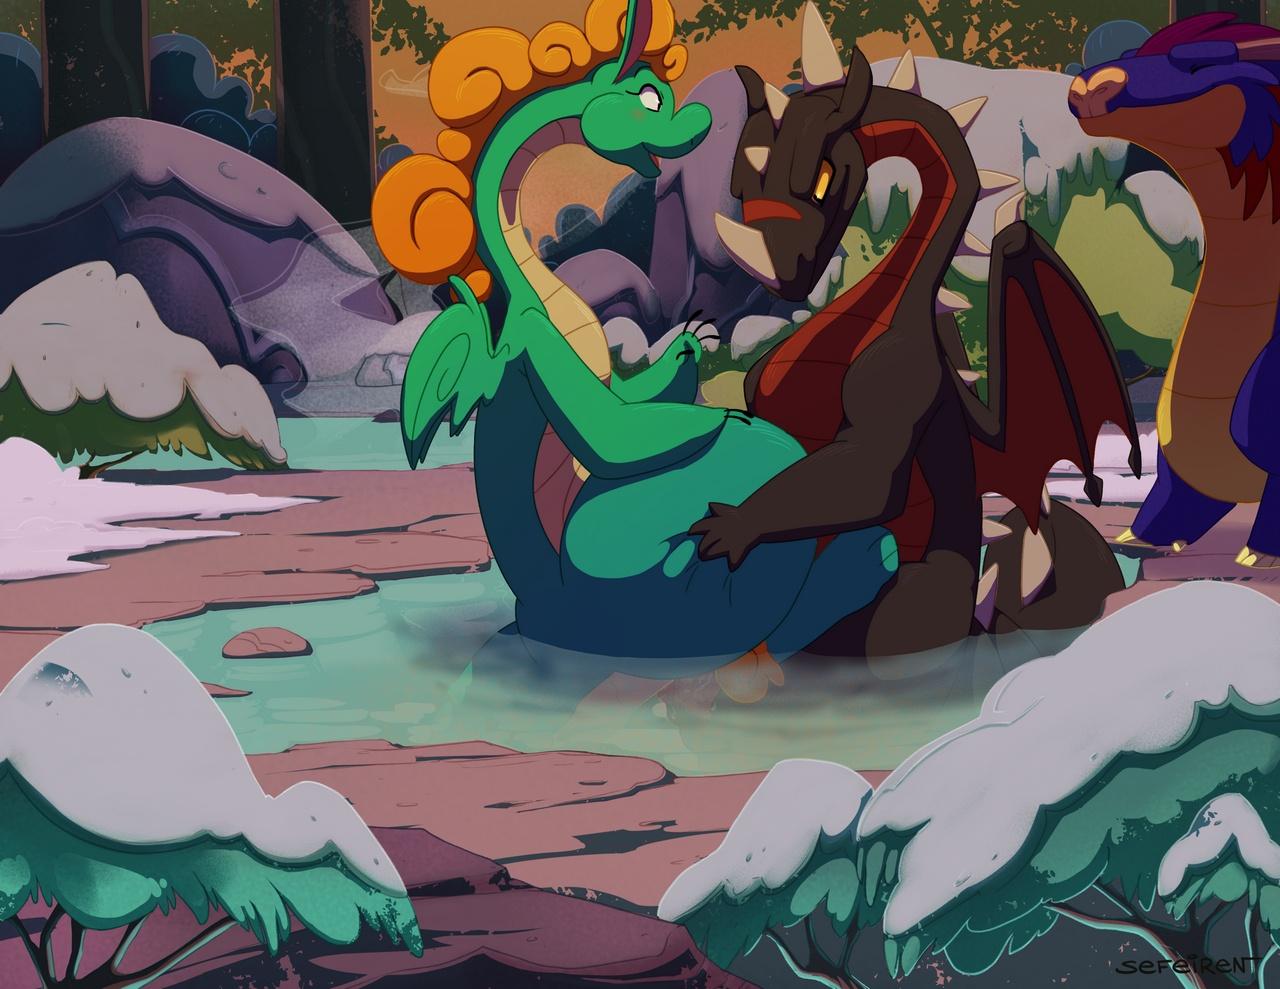 The Irish Dragon - part 2